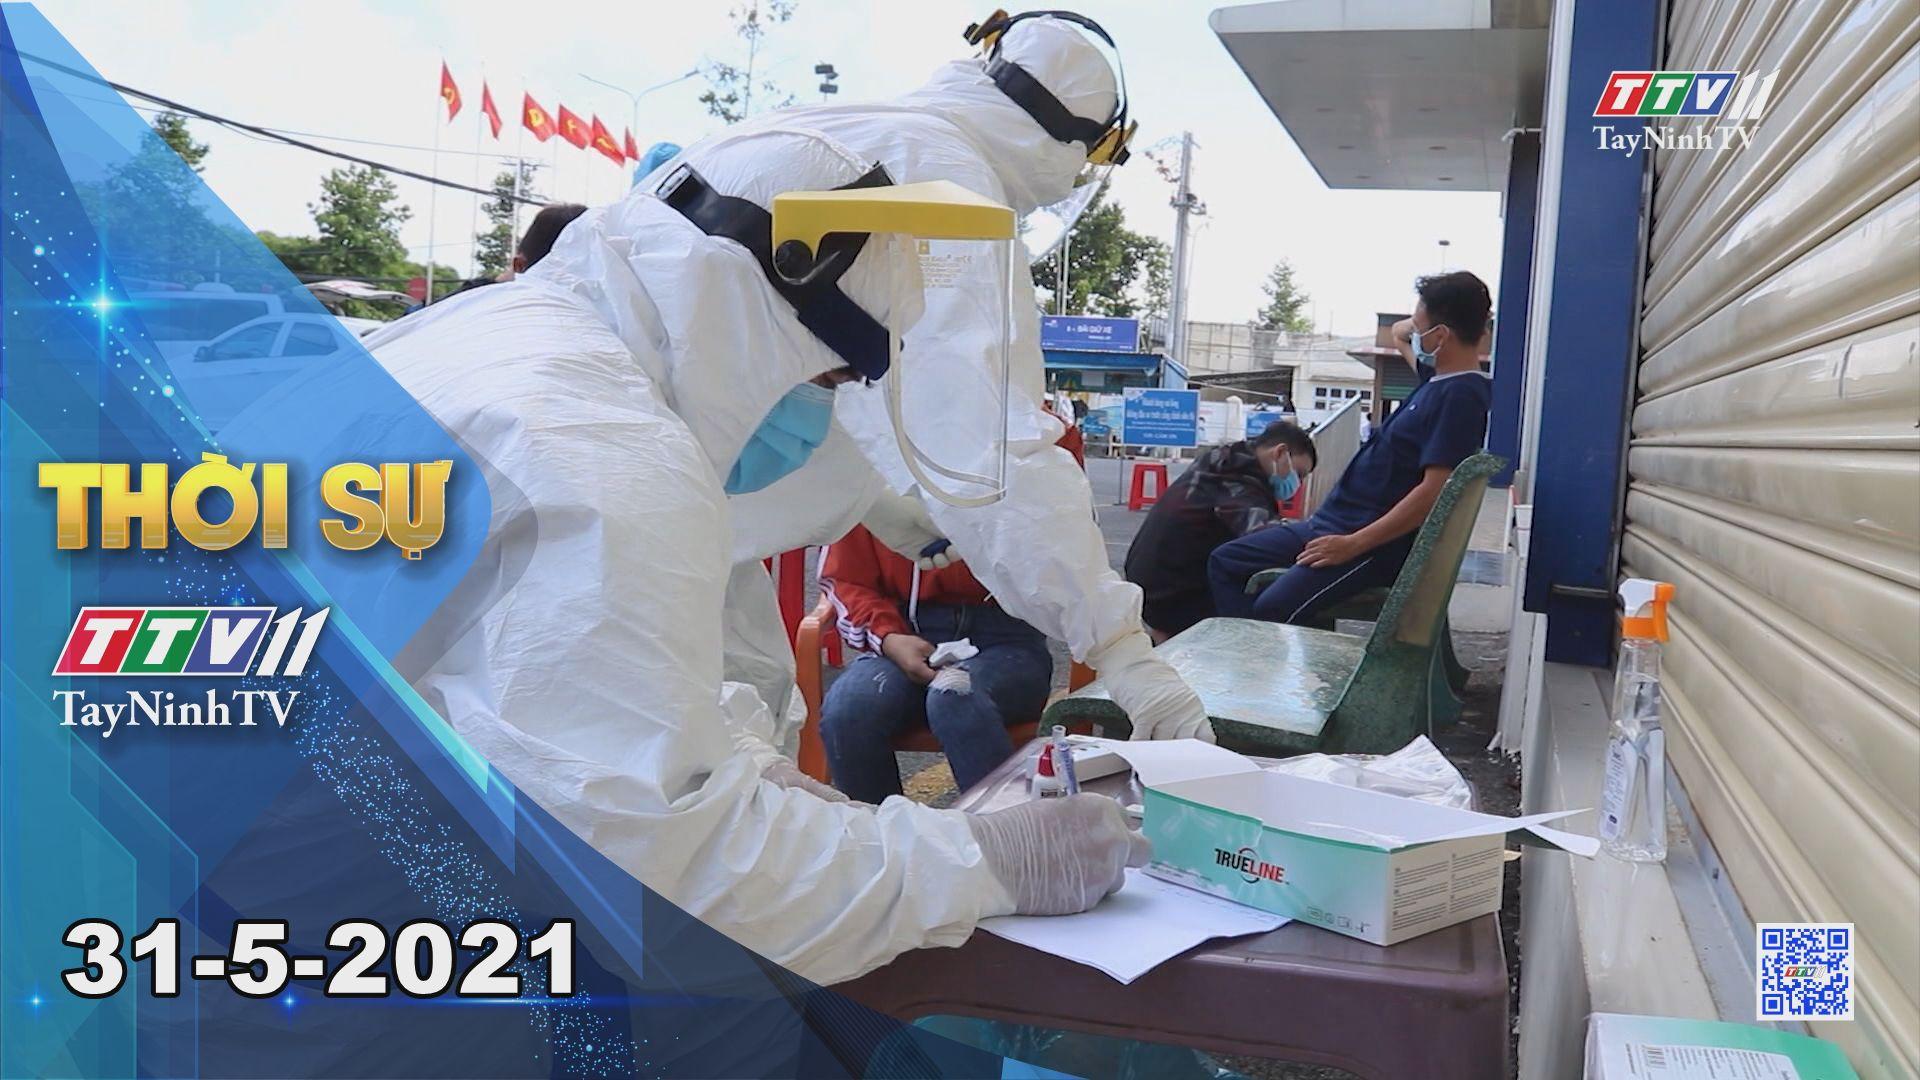 Thời sự Tây Ninh 31-5-2021 | Tin tức hôm nay | TayNinhTV